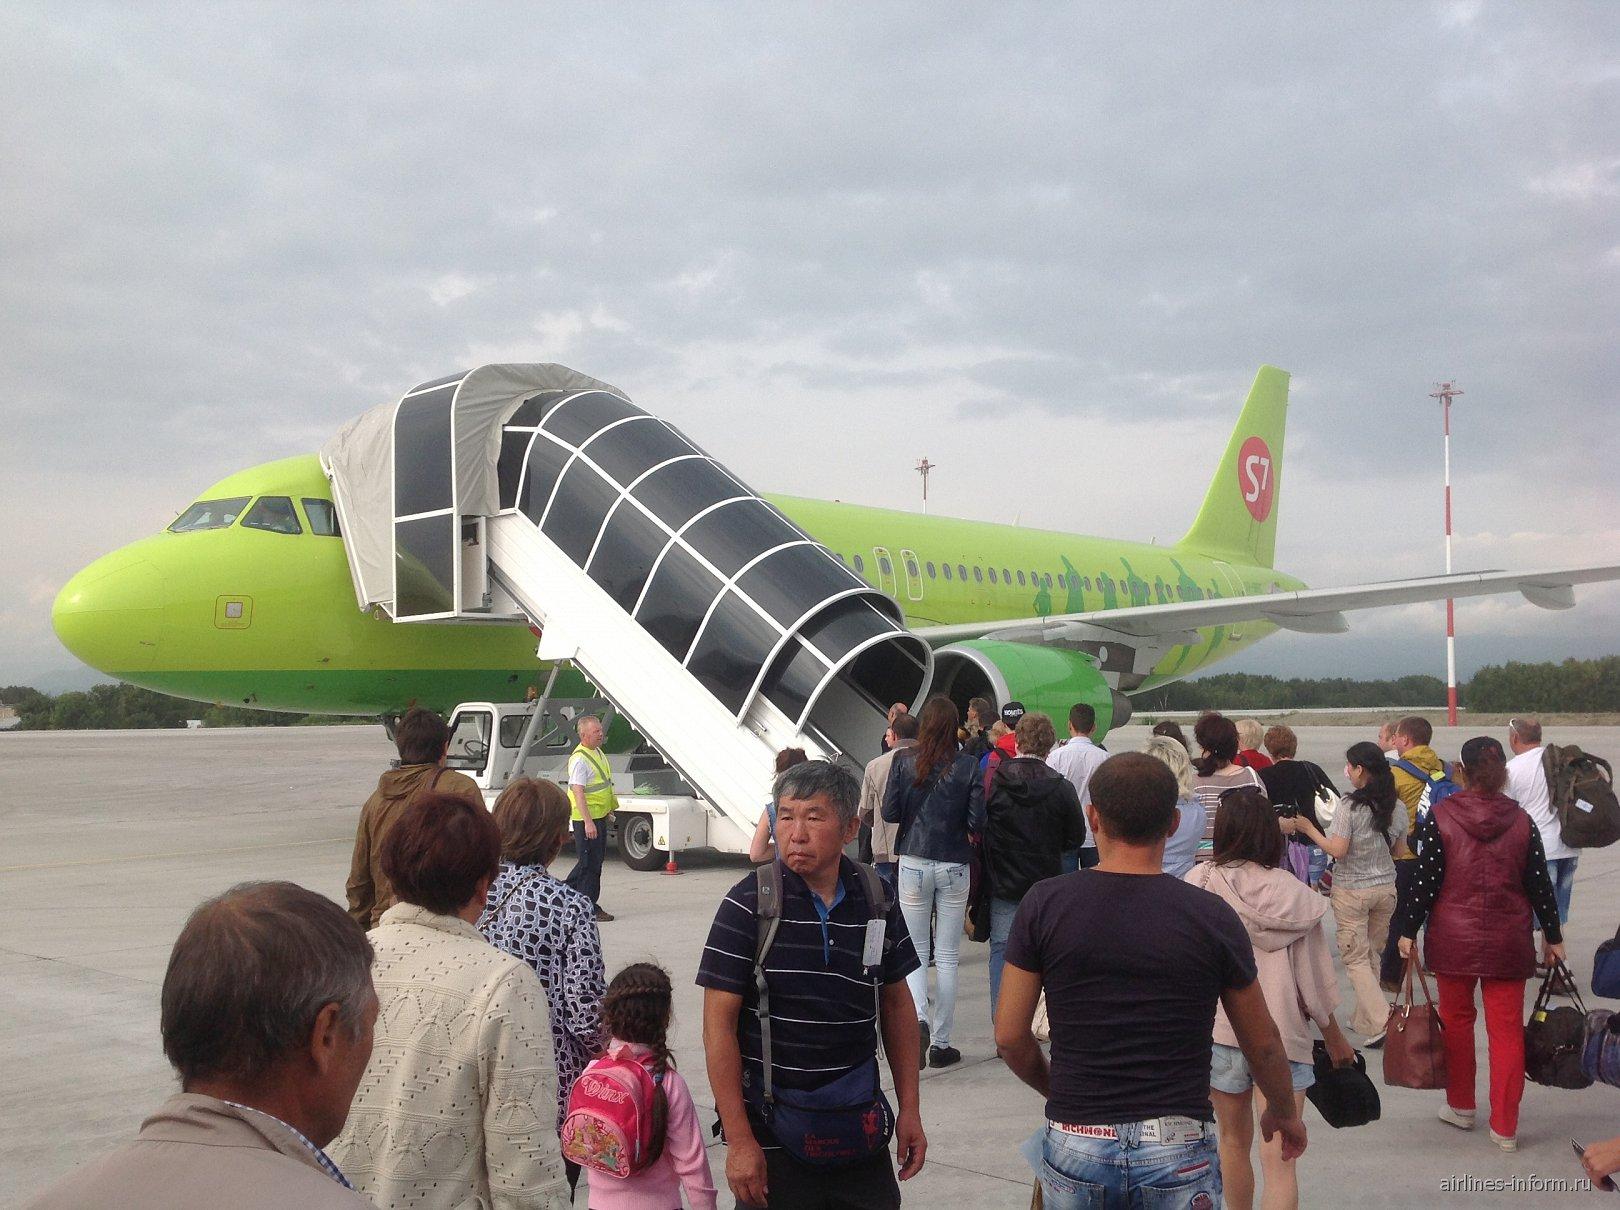 Полет из Петропавловска-Камчатского в Хабаровск с S7 airlines